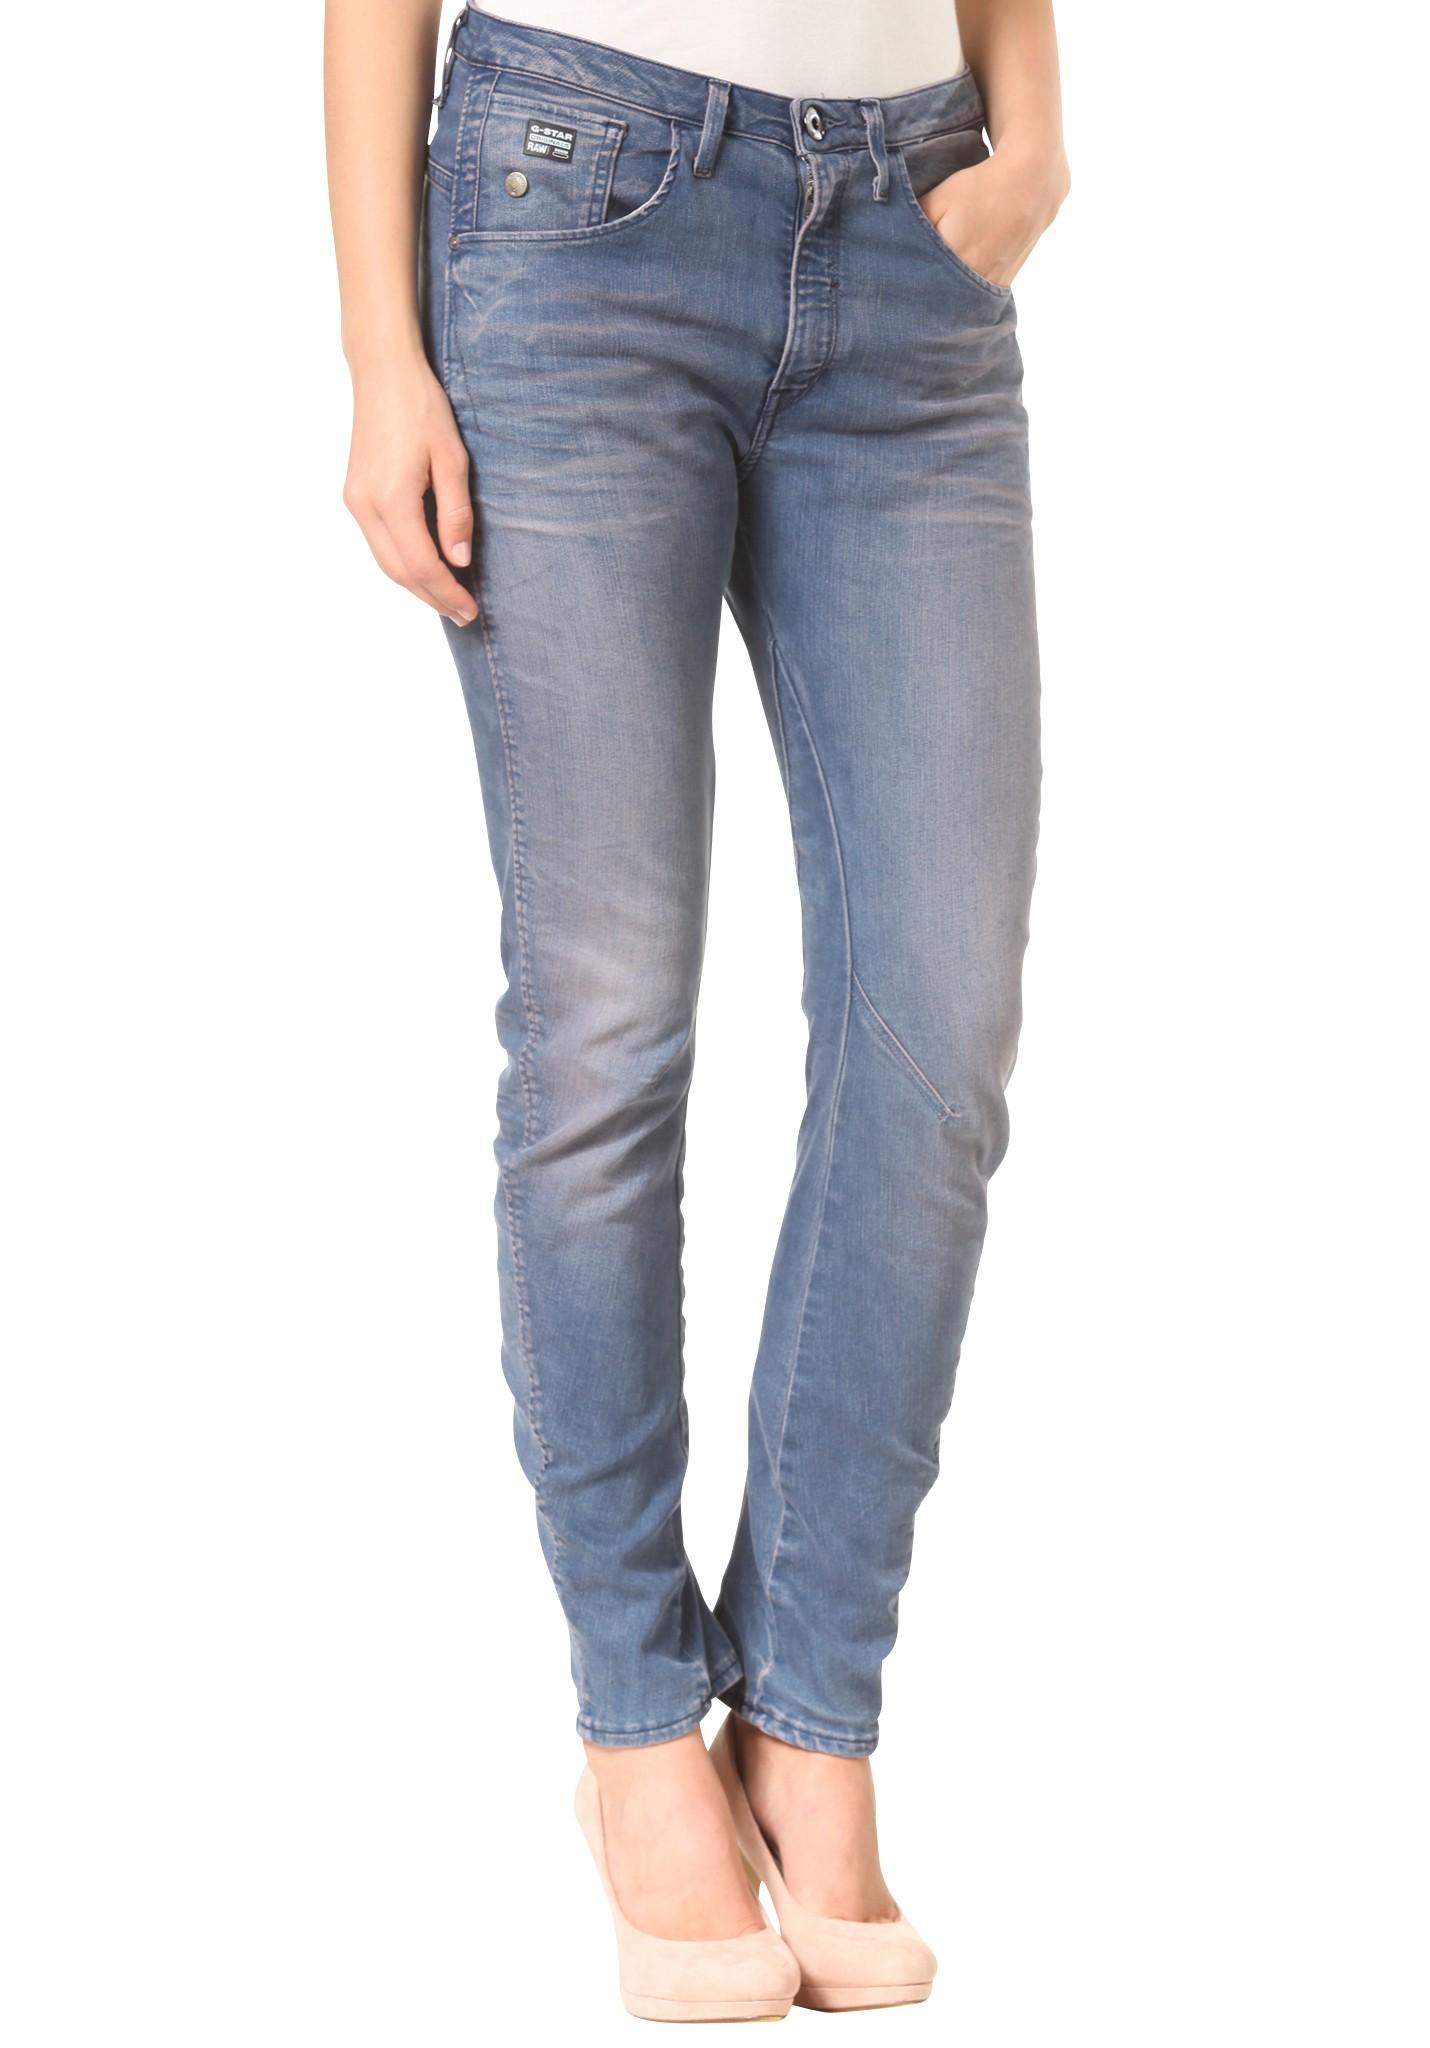 neu g star arc 3d tapered coj damen jeans hose ebay. Black Bedroom Furniture Sets. Home Design Ideas